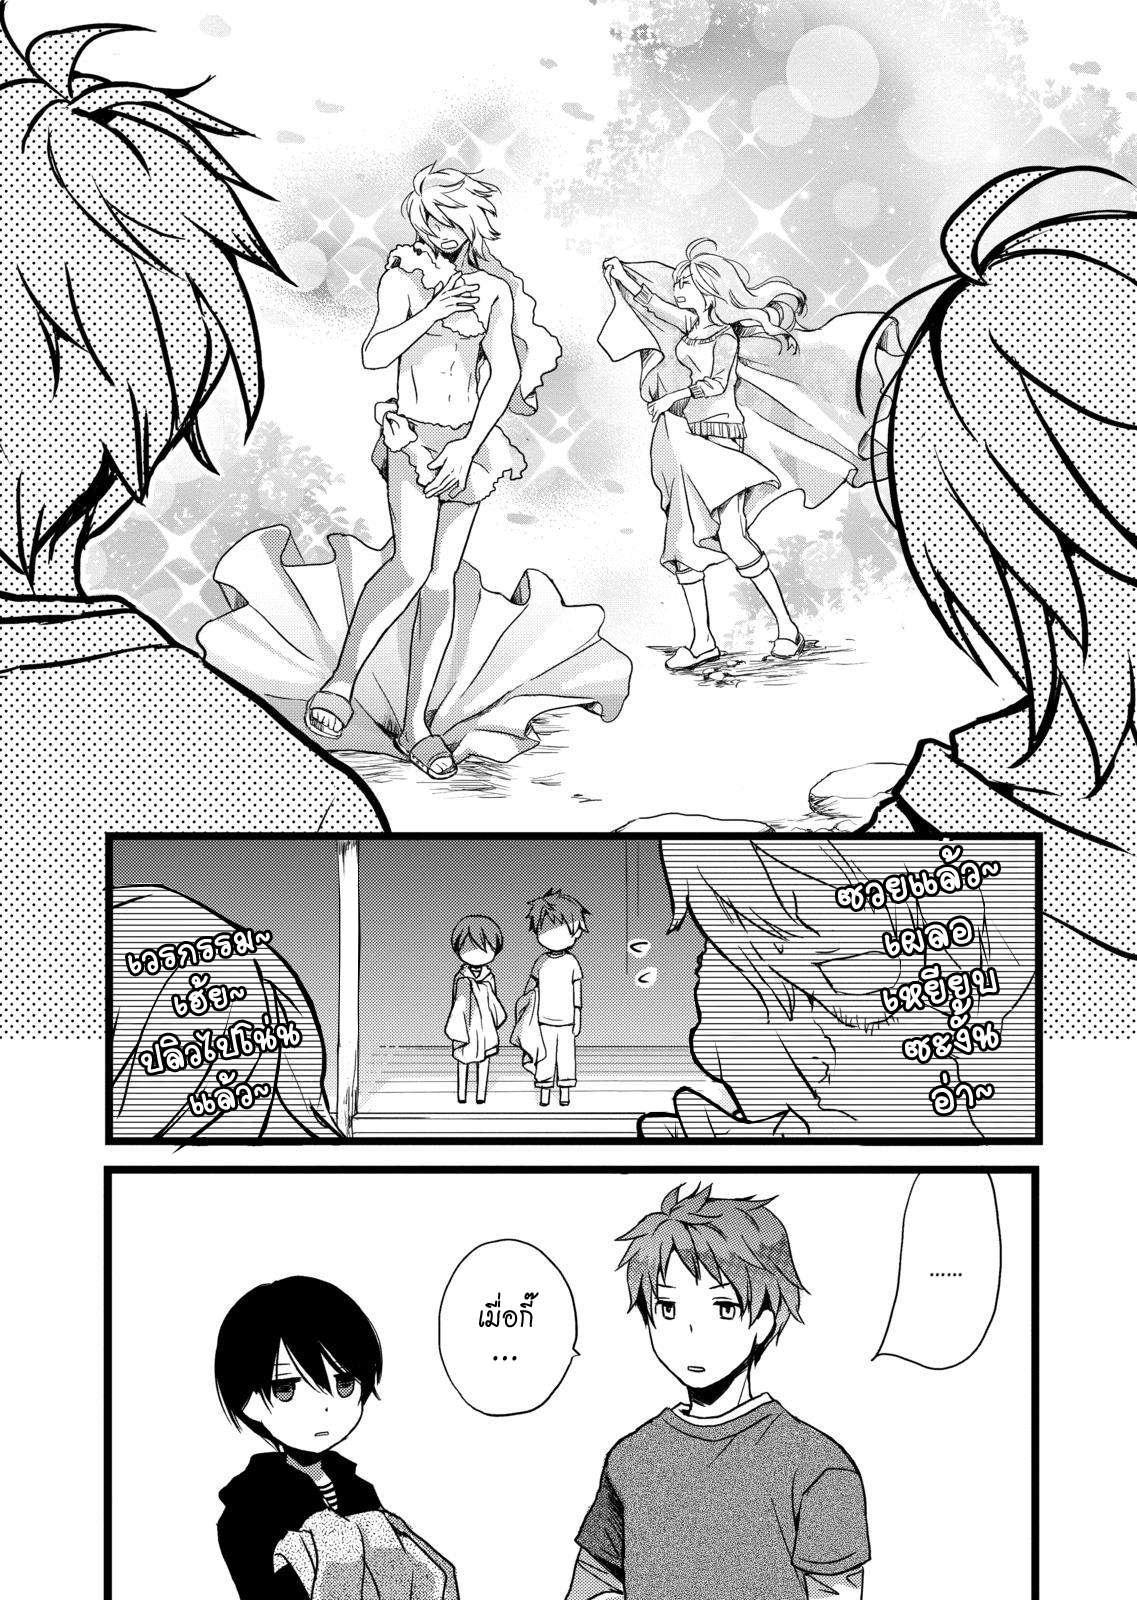 อ่านการ์ตูน Bokura wa Minna Kawaisou ตอนที่ 5 หน้าที่ 10